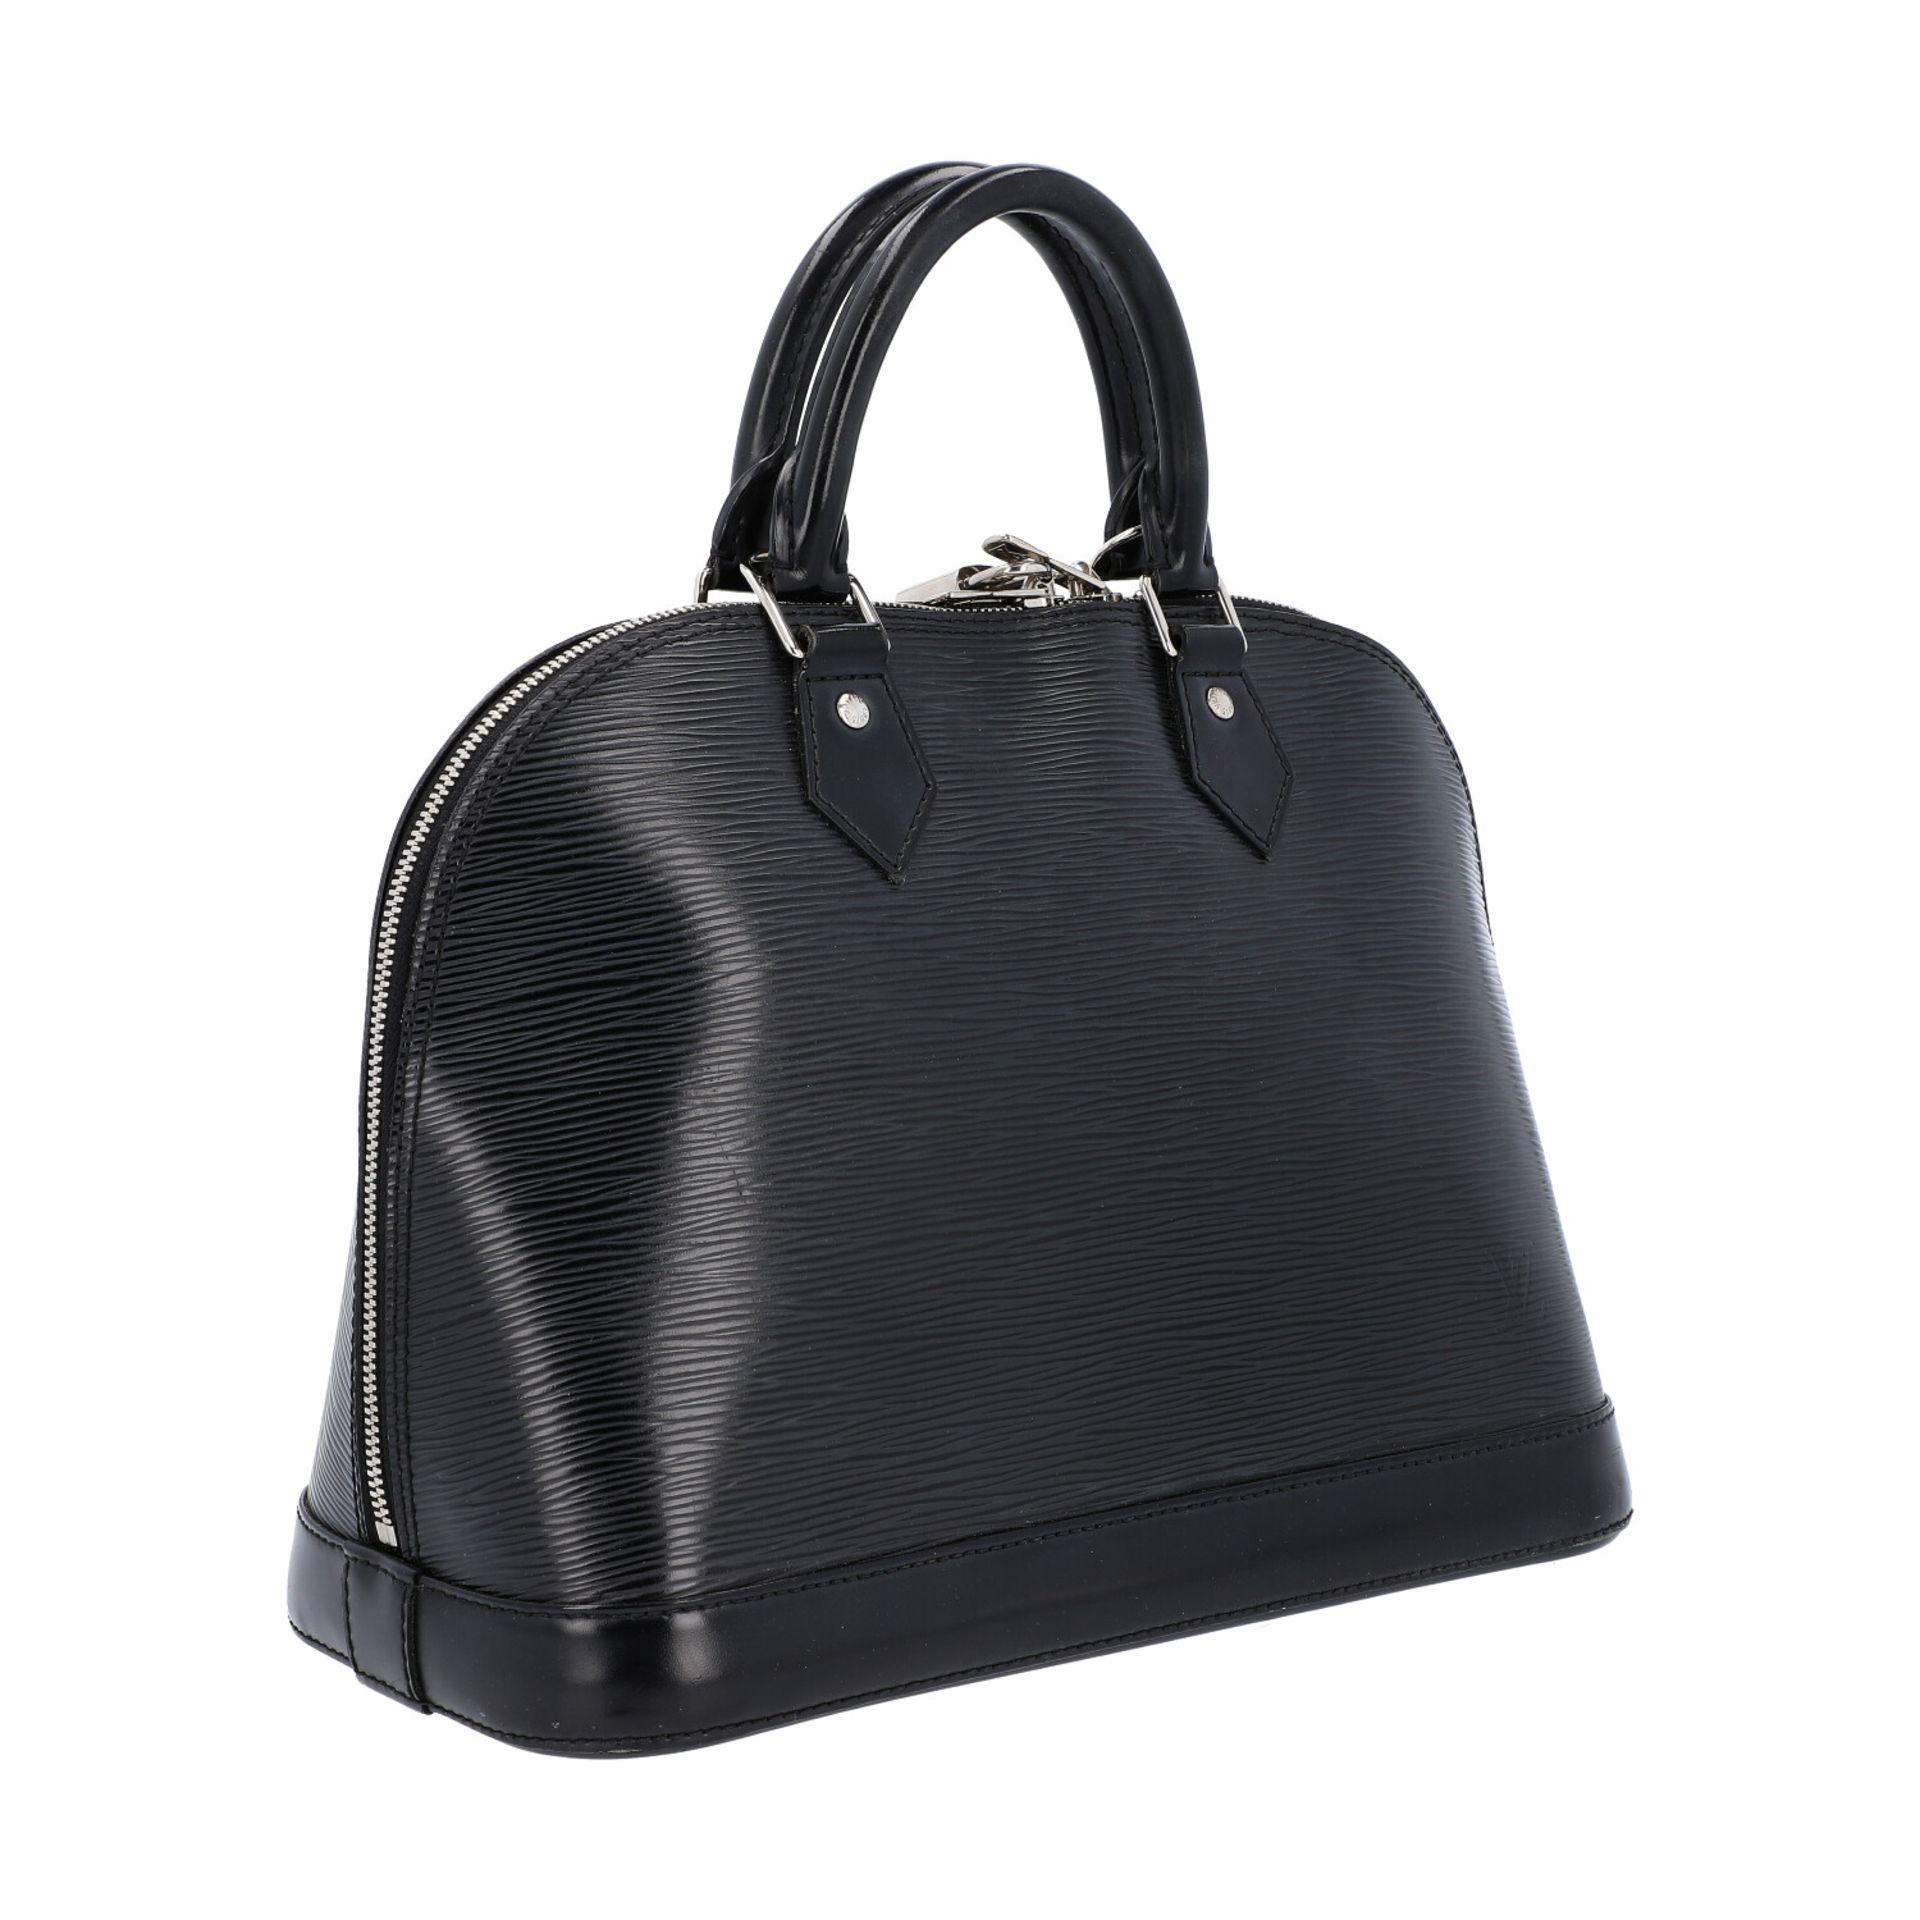 """LOUIS VUITTON Handtasche """"ALMA PM"""", Koll. 2011.Akt. NP.: 1.680,-€. Epi Leder Serie in Schwarz mit - Bild 2 aus 8"""